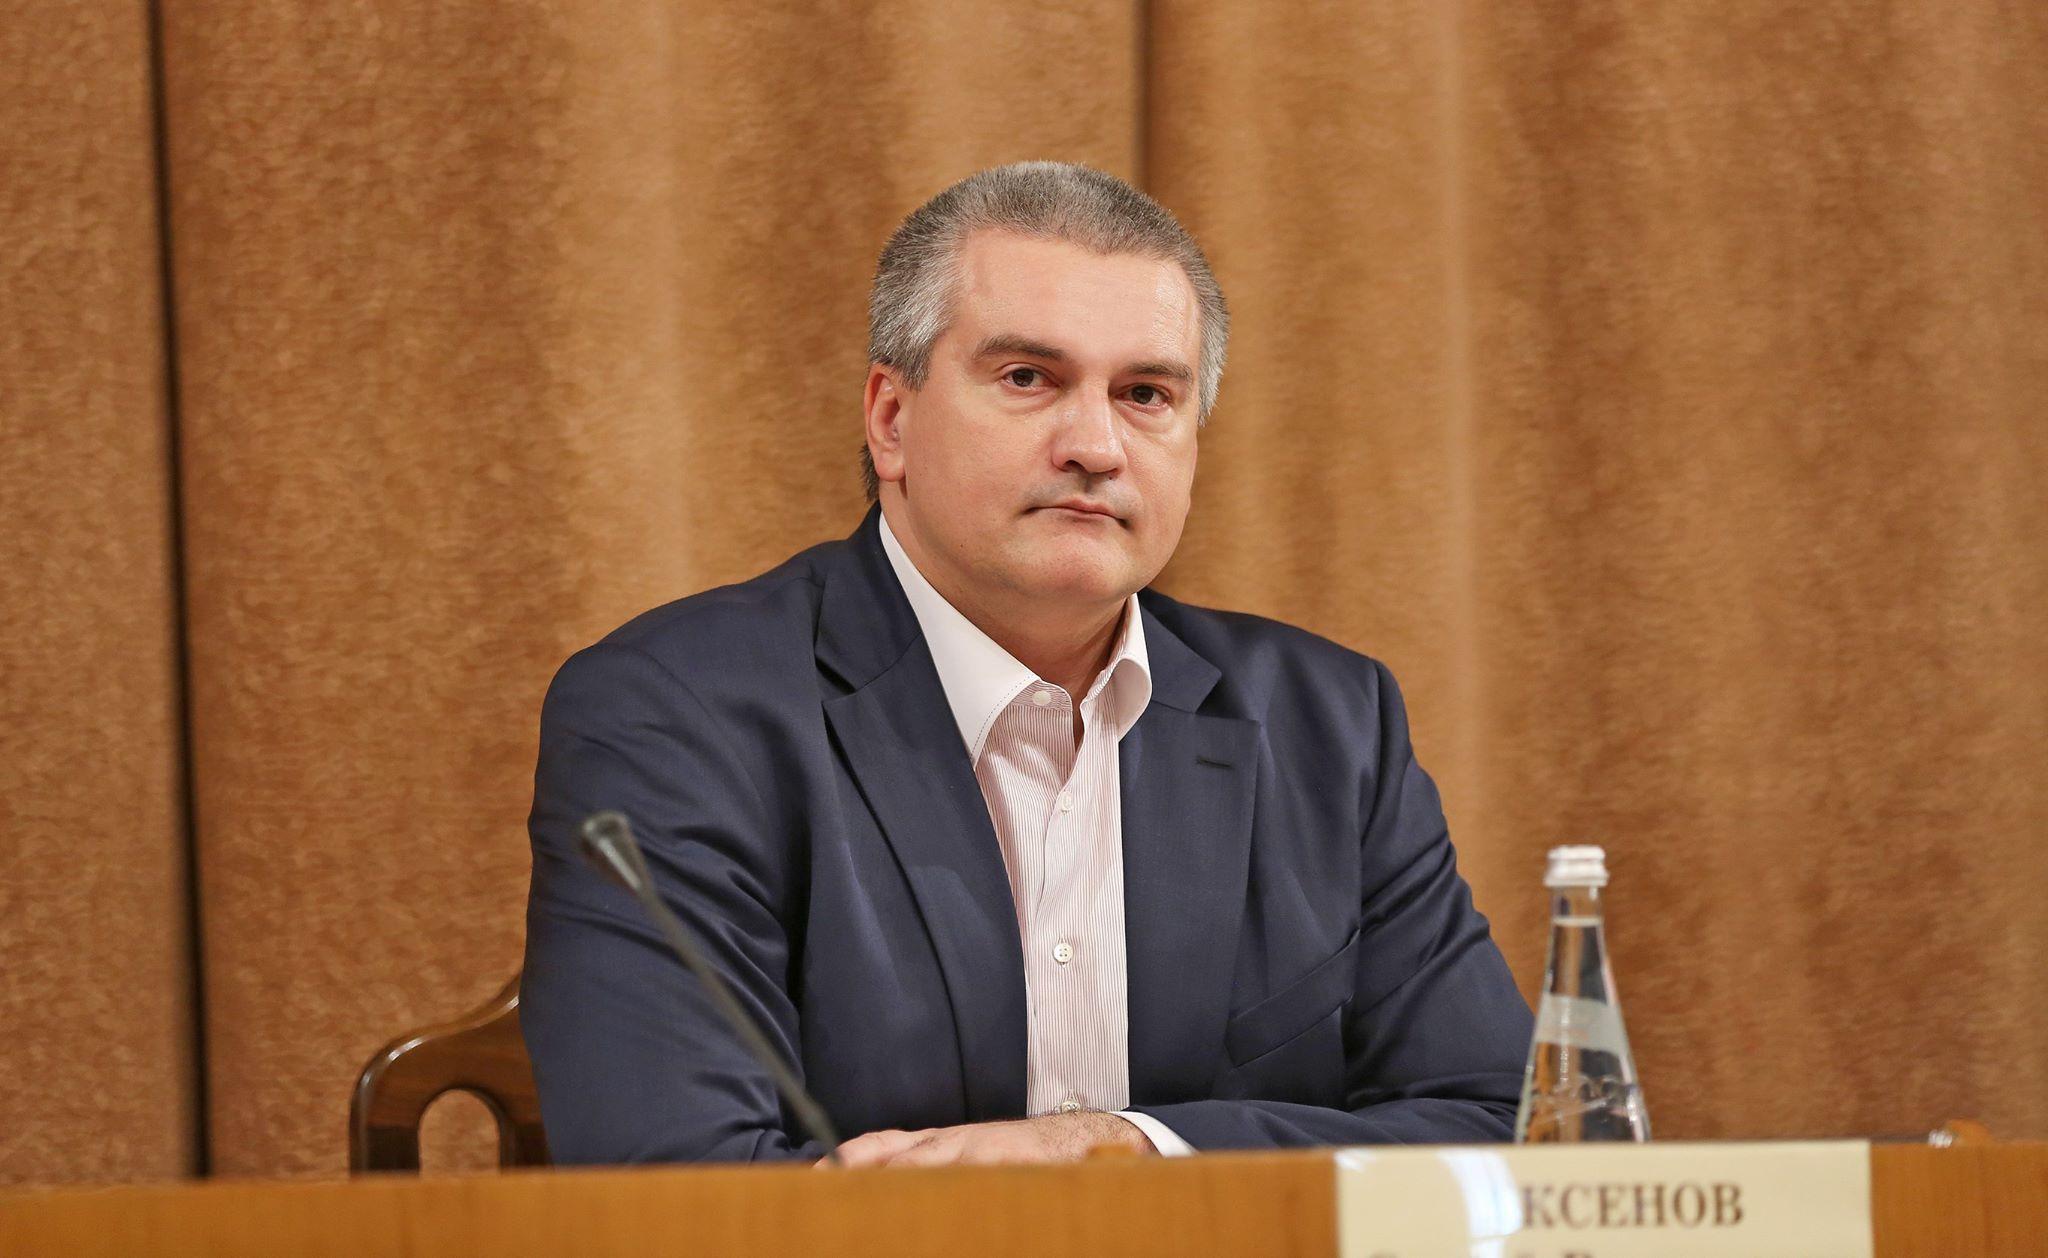 Аксенов пообещал крымчанам надежную защиту от коллекторов